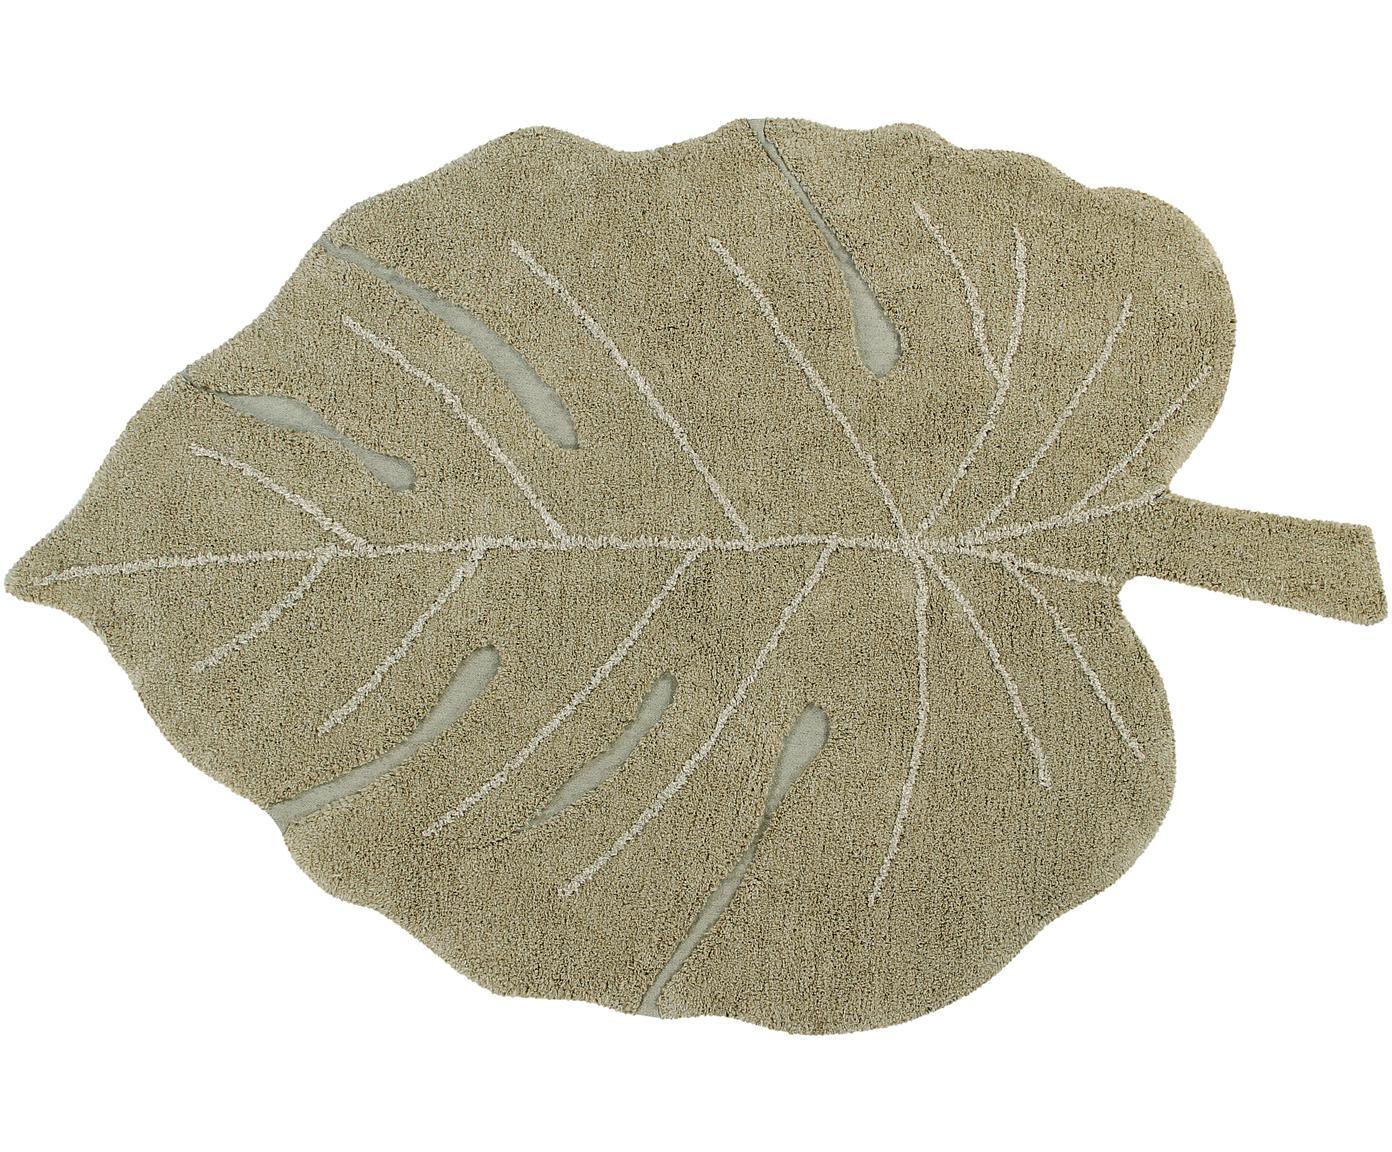 Waschbarer Teppich Monstera in Blattform, handgefertigt, Flor: 97% recycelte Baumwolle, , Grün, Cremefarben, B 120 x L 180 cm (Größe S)